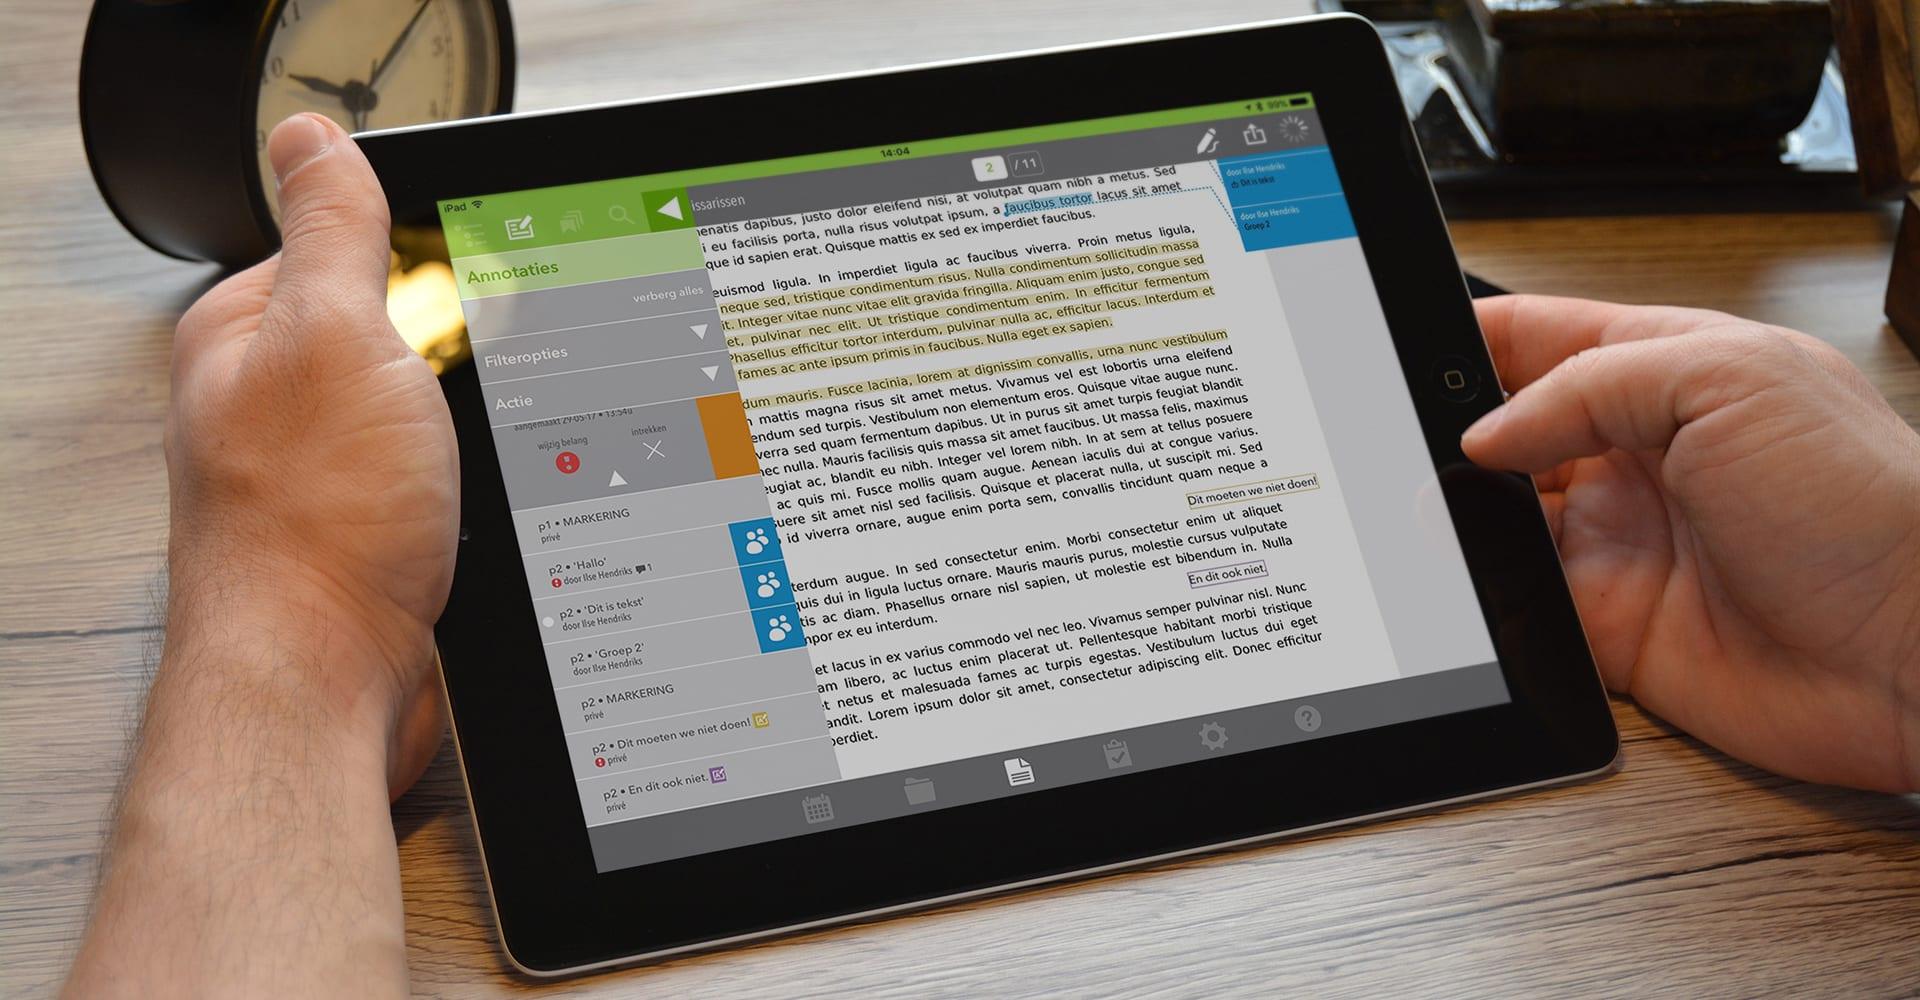 Vergaderapp in iPad